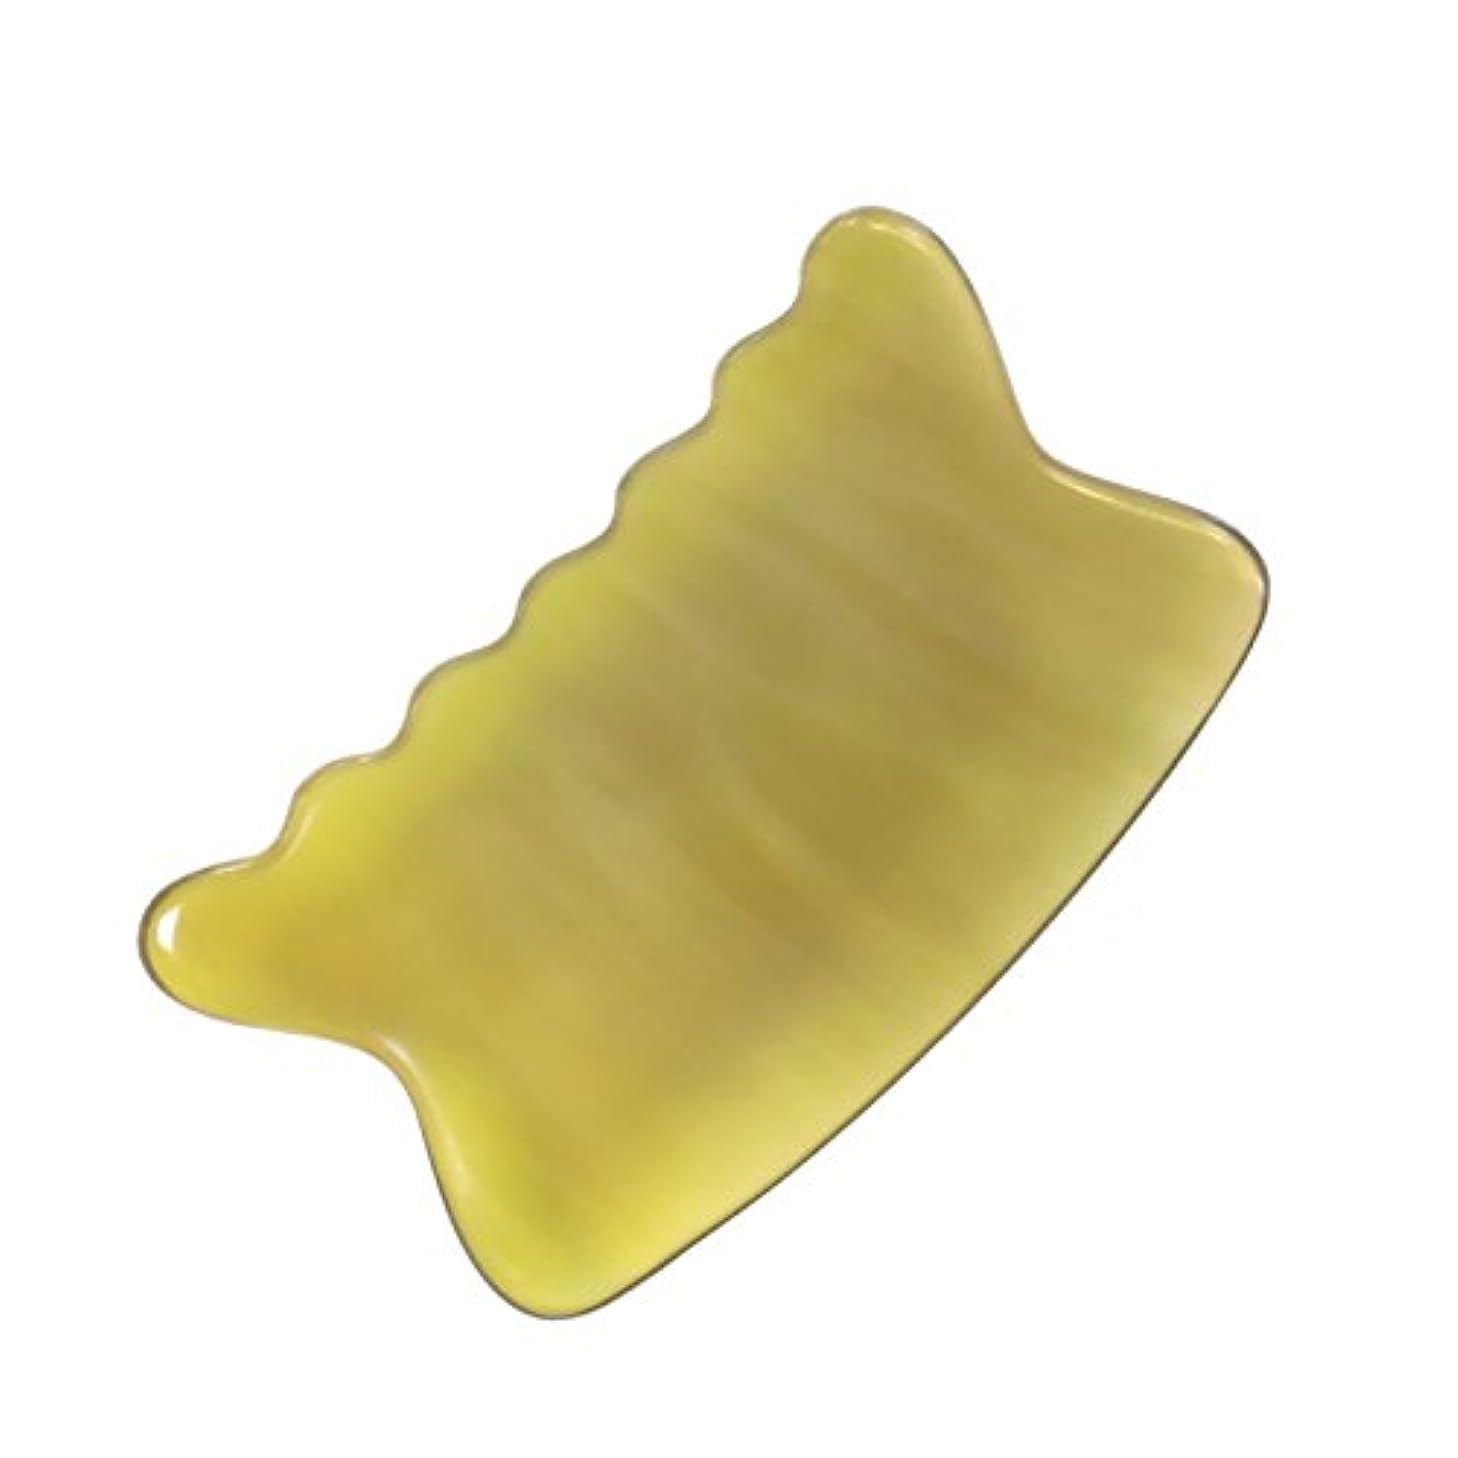 浴曲線で出来ているかっさ プレート 希少57 黄水牛角 極美品 曲波型